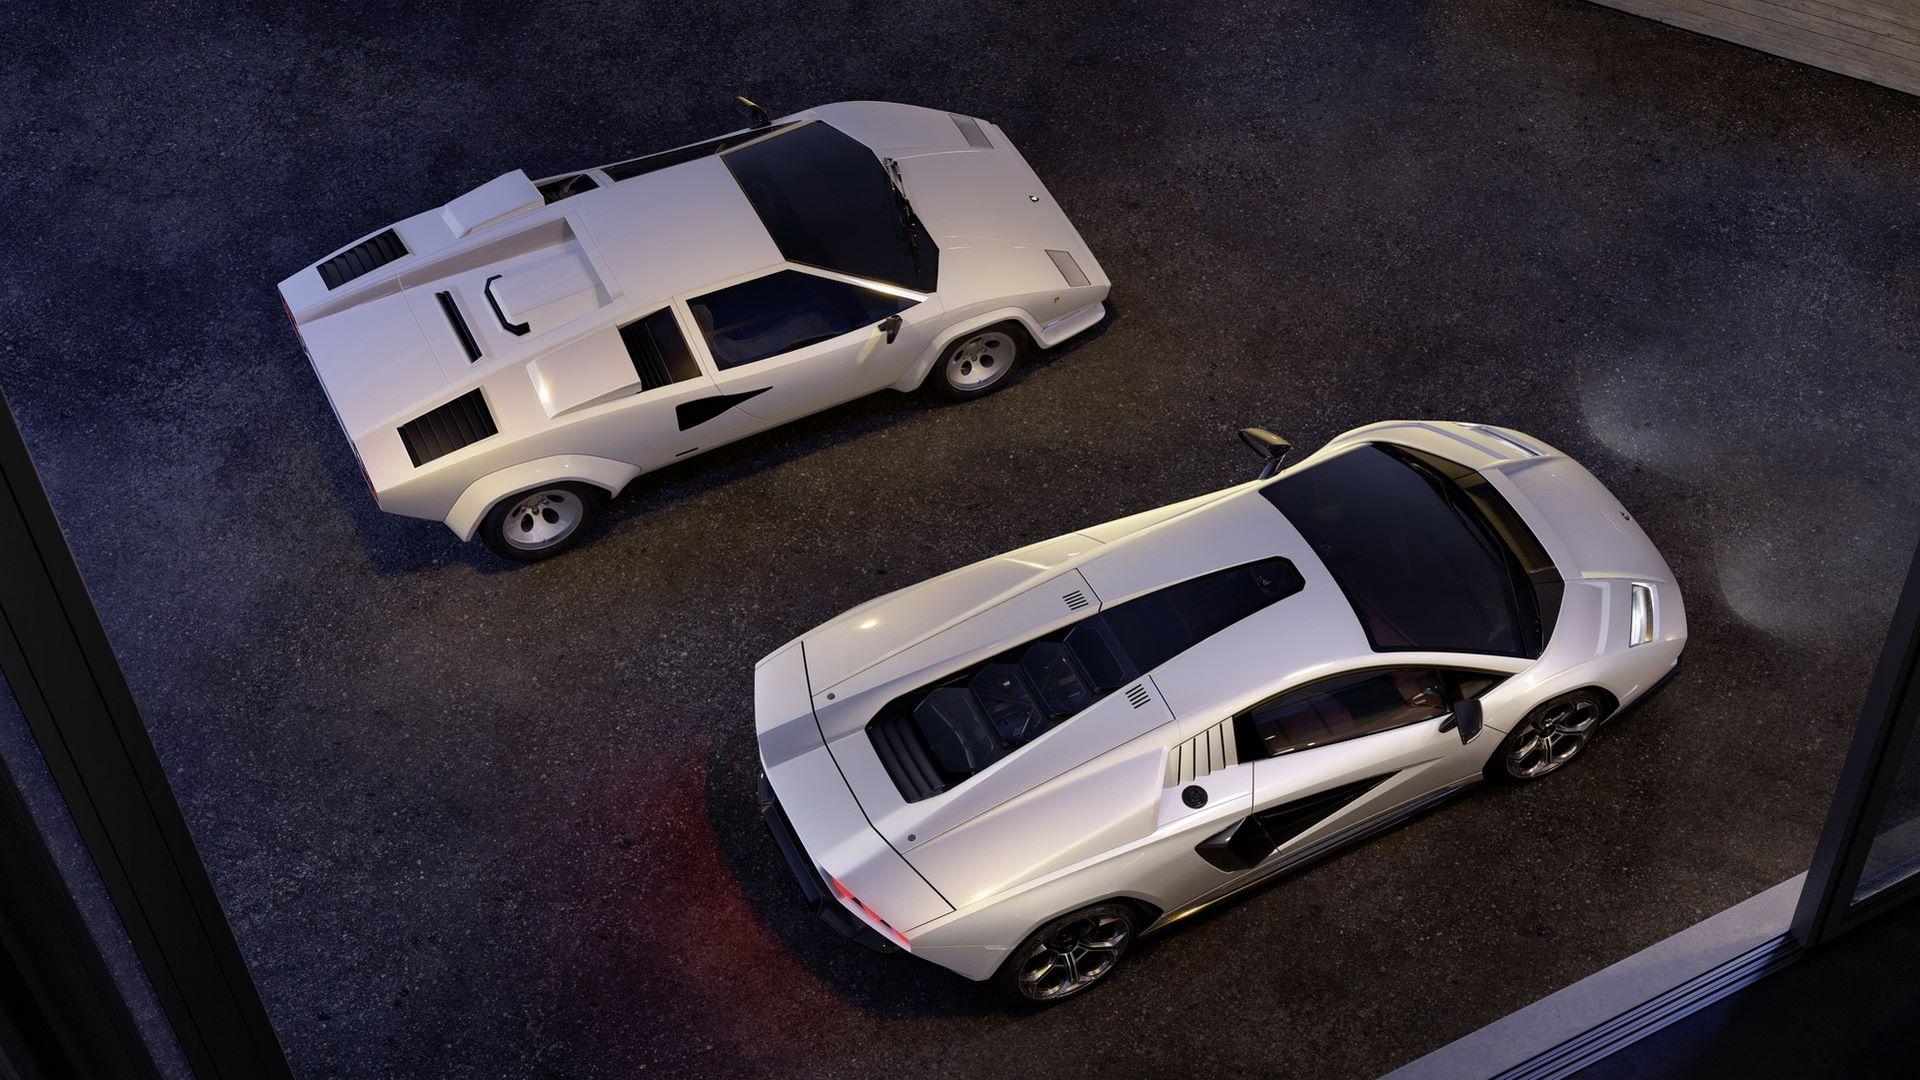 Lamborghini-Countach-LPI-800-4-38